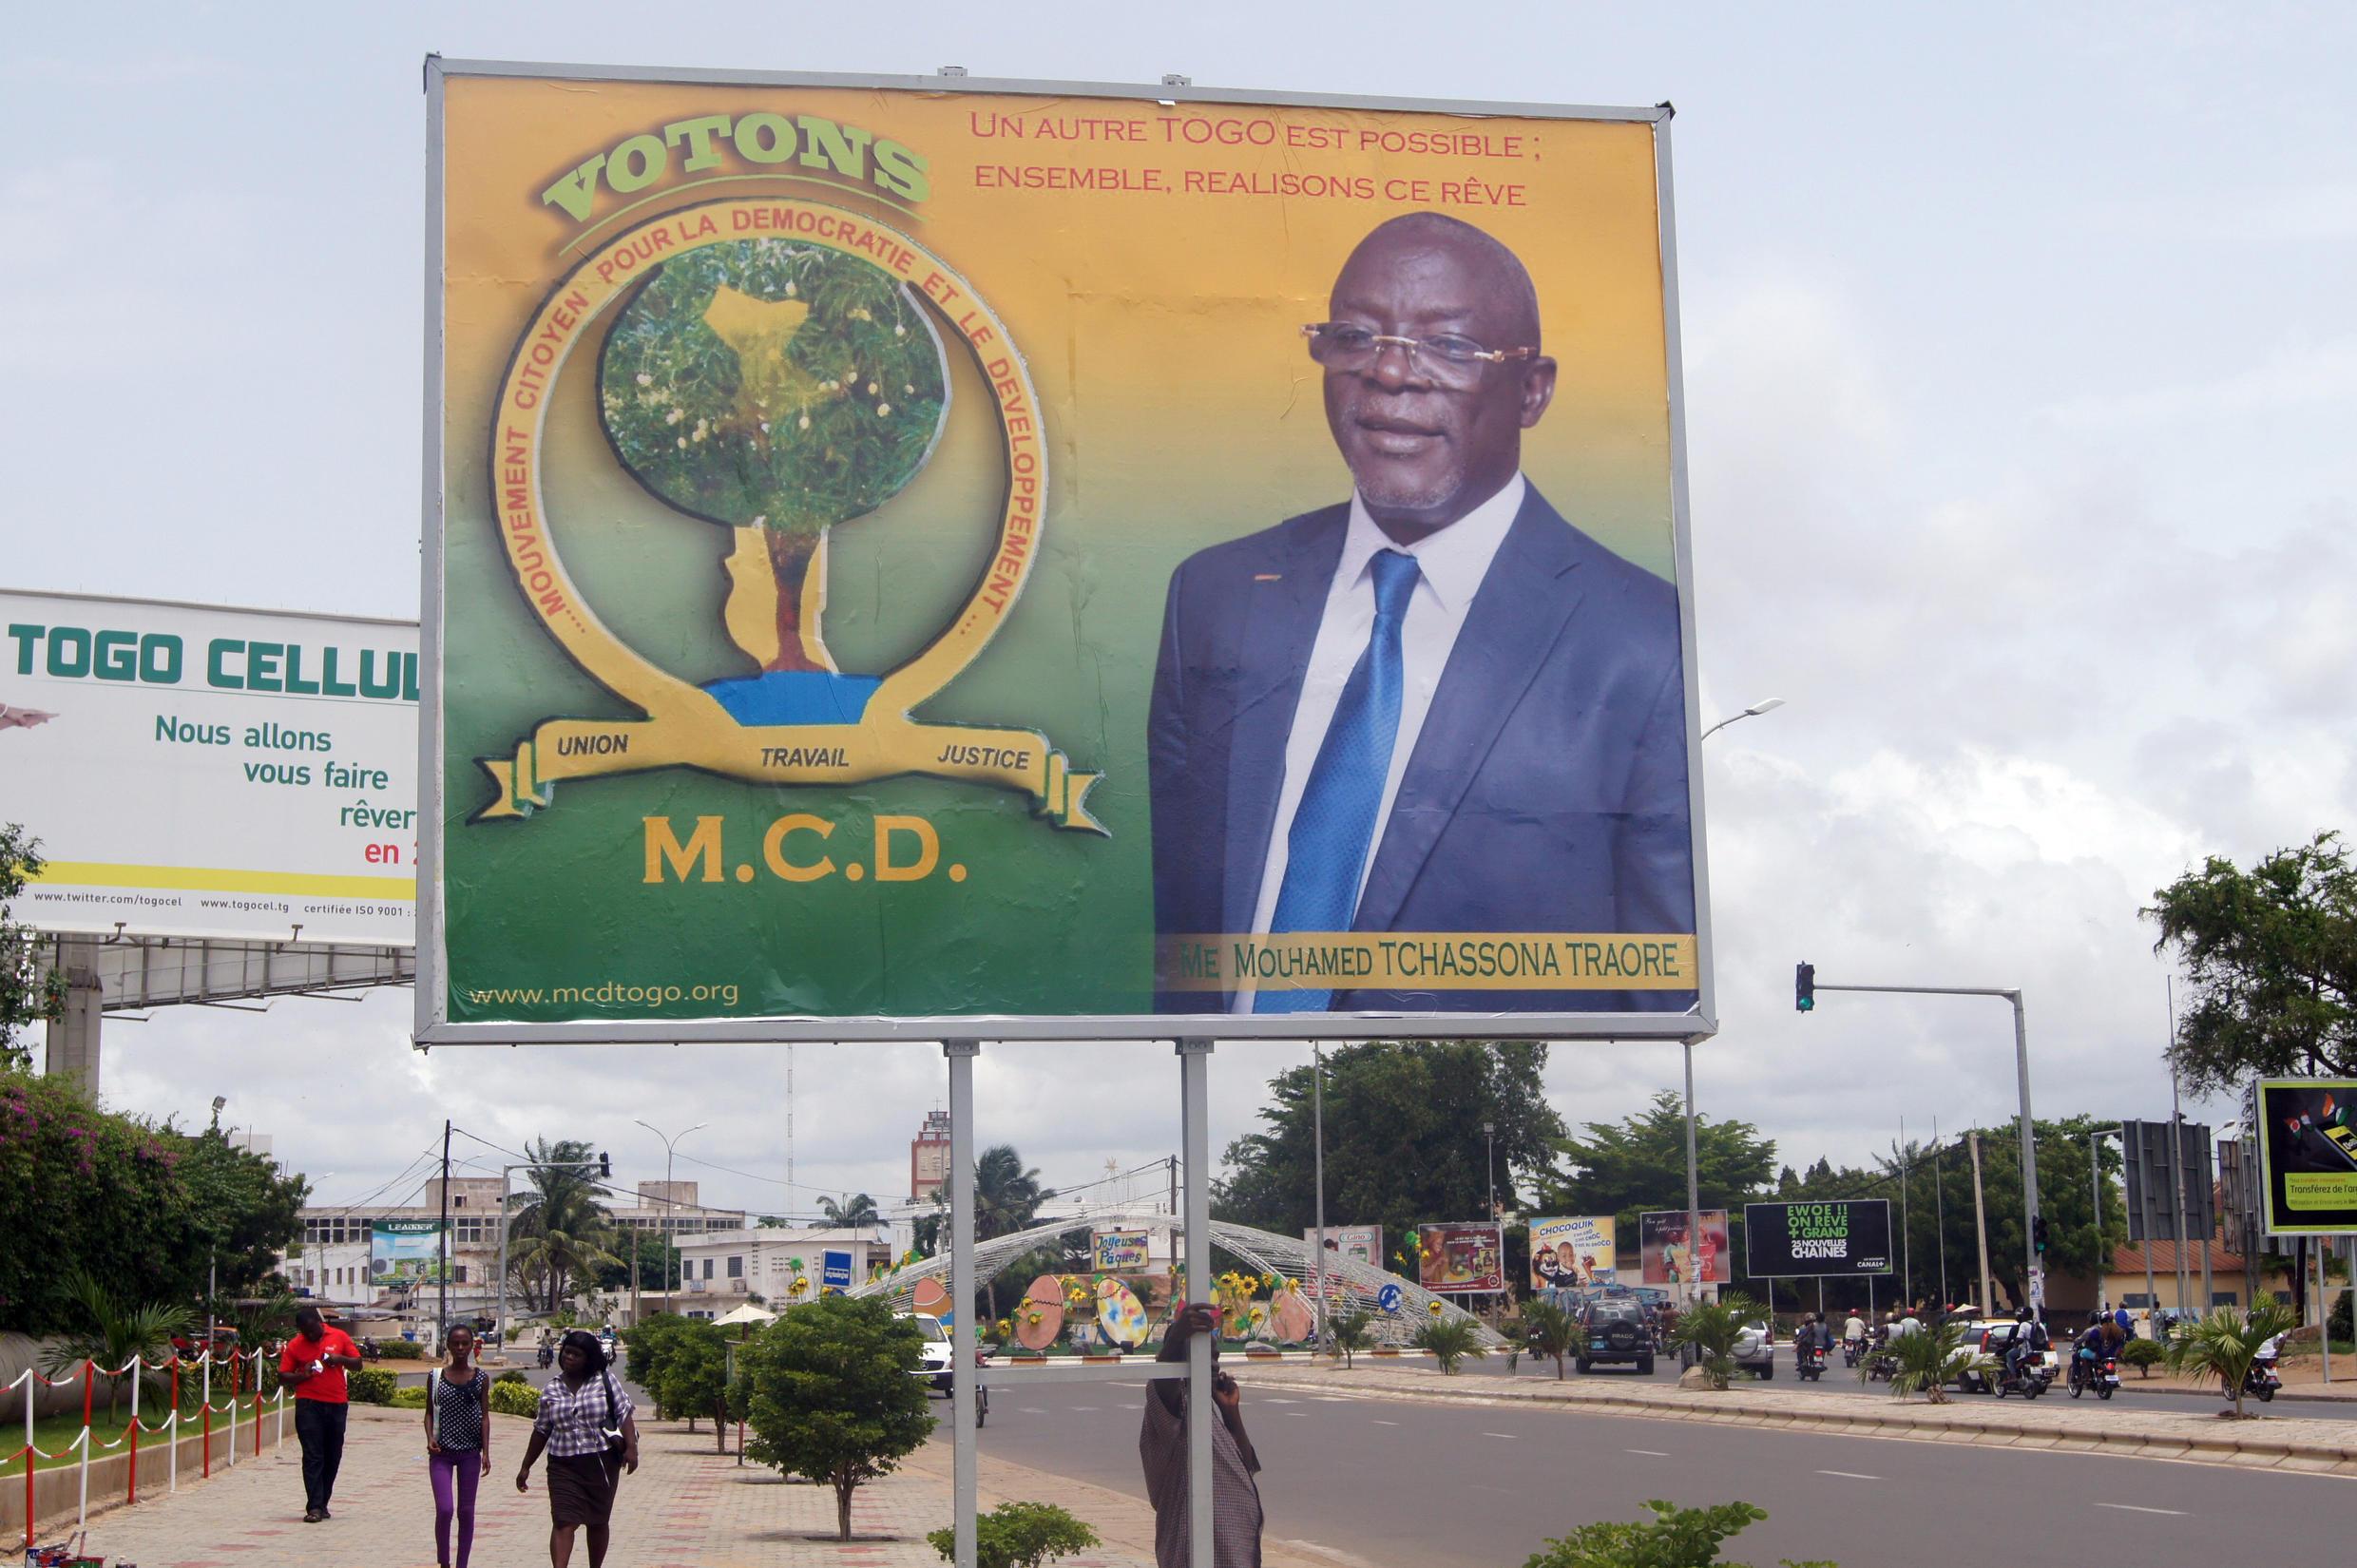 Affiche de campagne d'un candidat à la présidentielle au Togo.